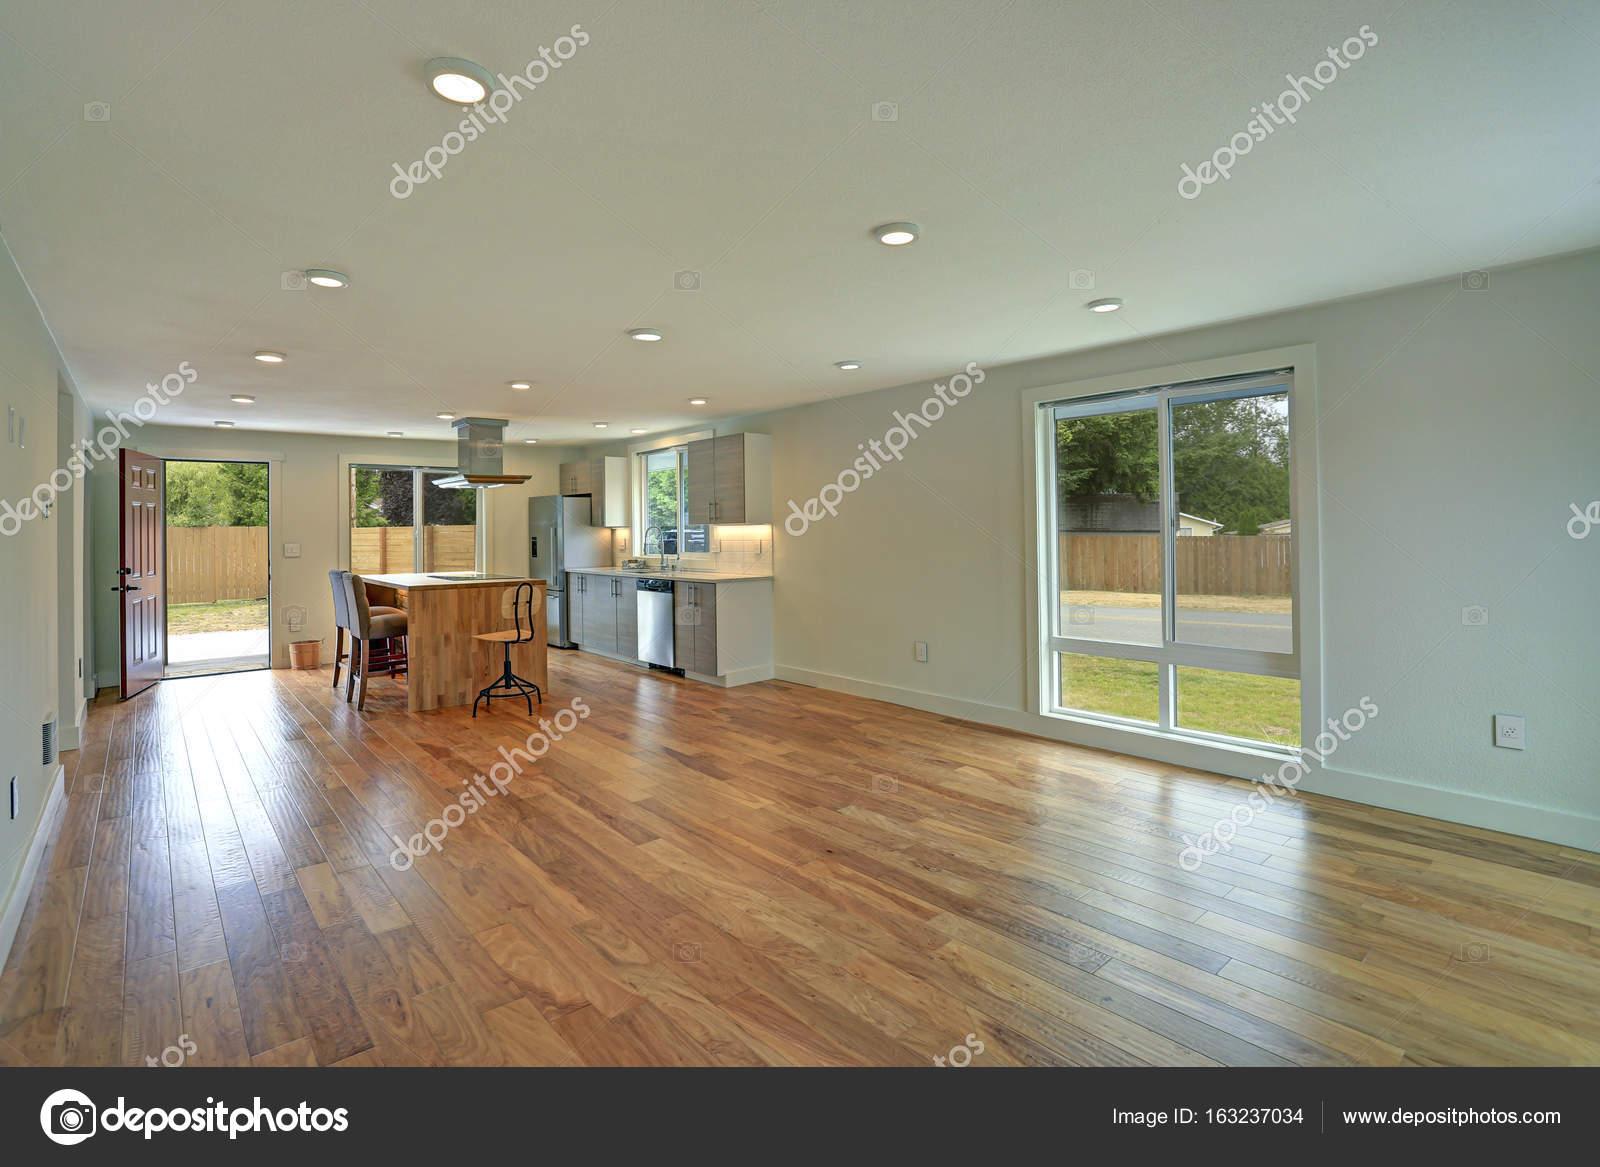 Offener Grundriss Innenraum Verfügt über Eine Neu Gestaltete Küche U2014  Stockfoto